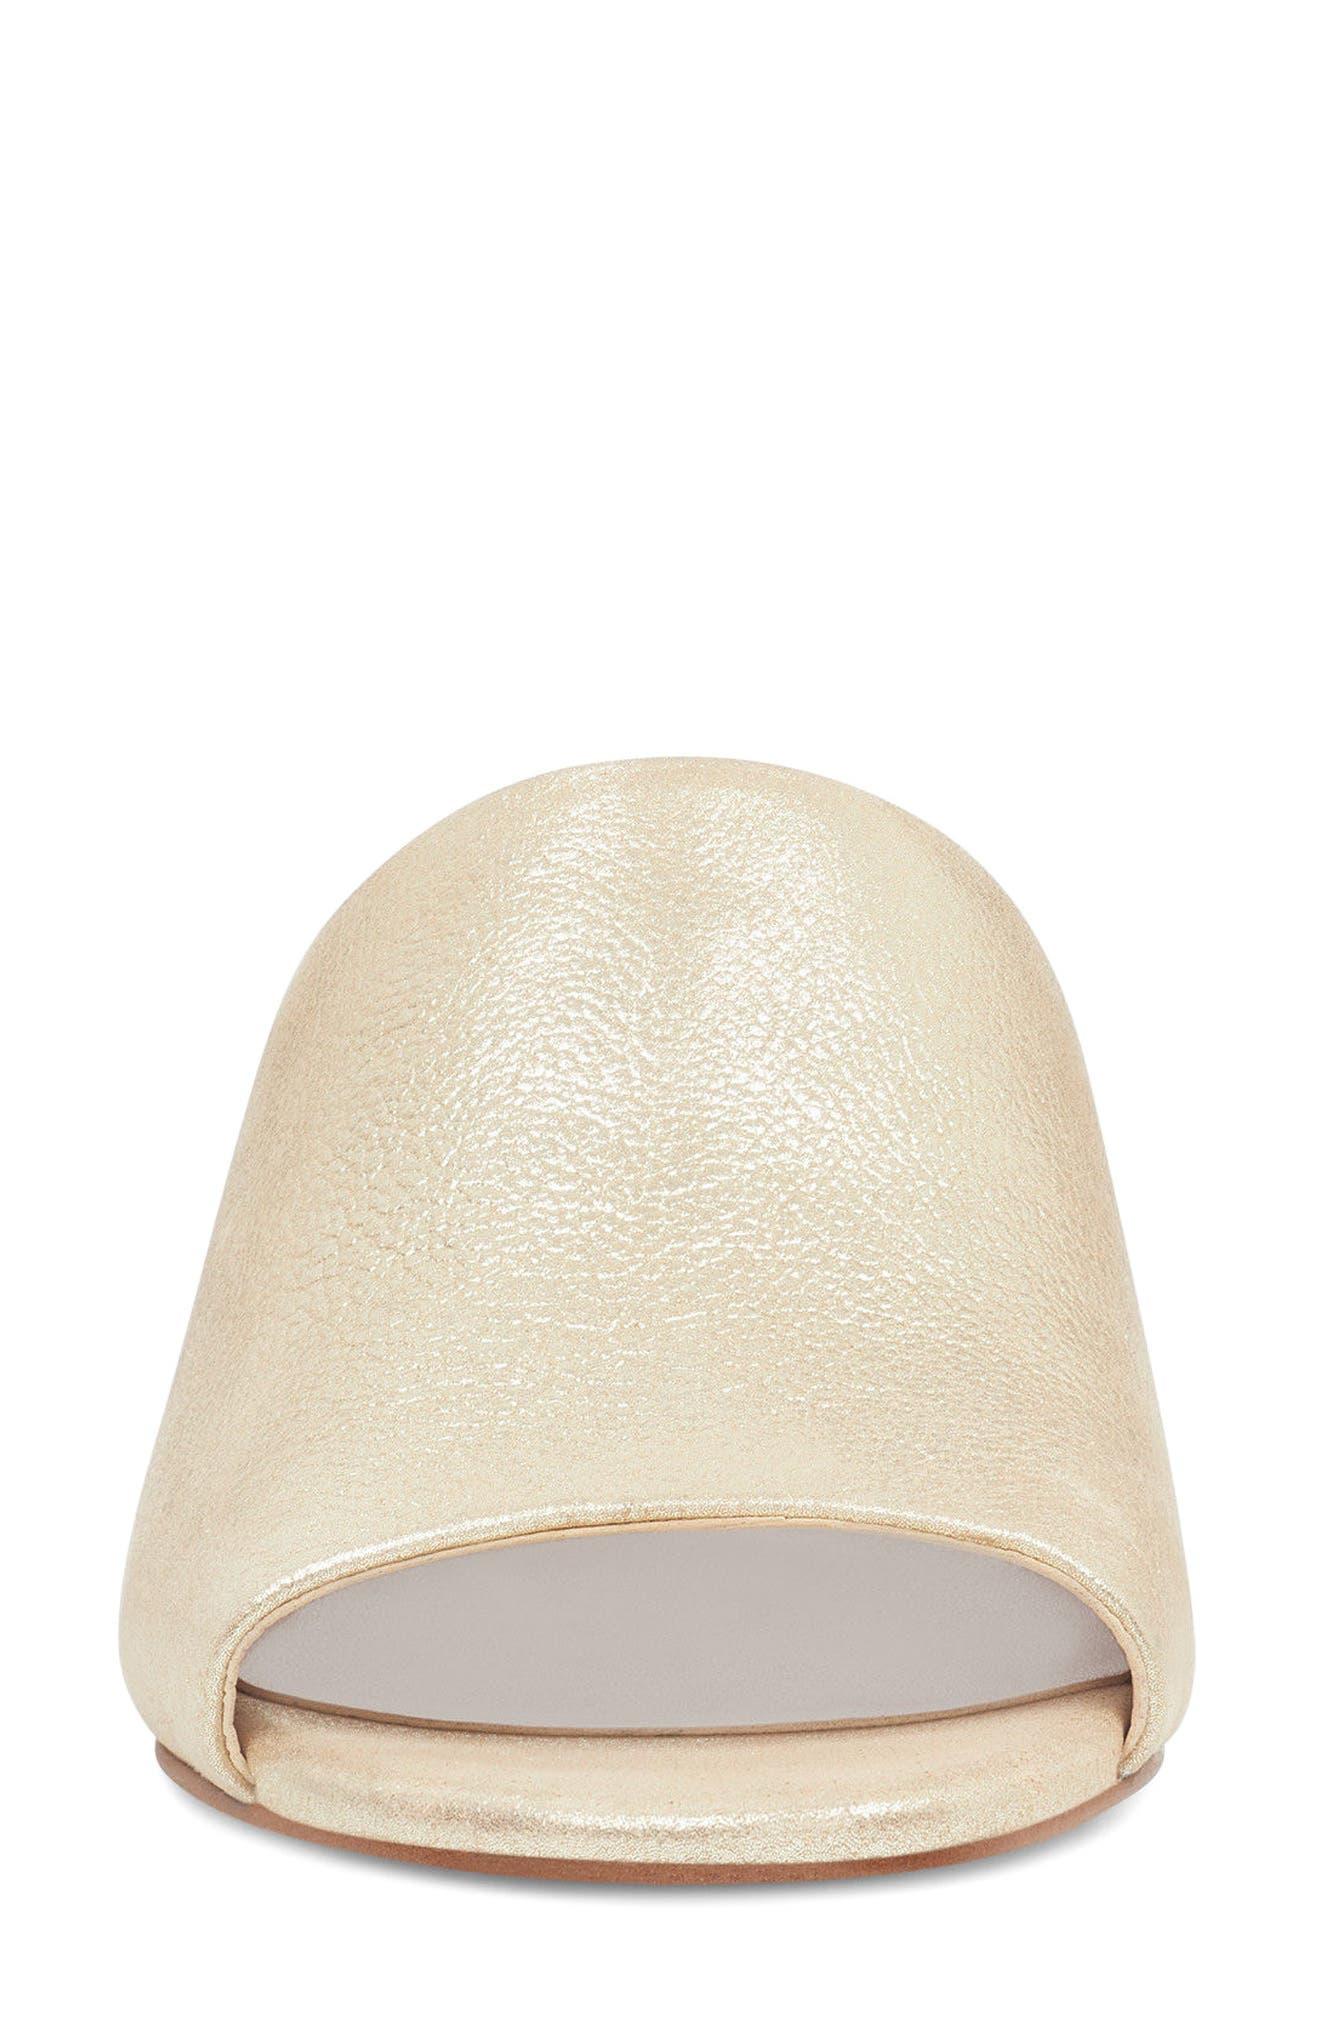 Raissa Slide Sandal,                             Alternate thumbnail 4, color,                             Light Gold Leather